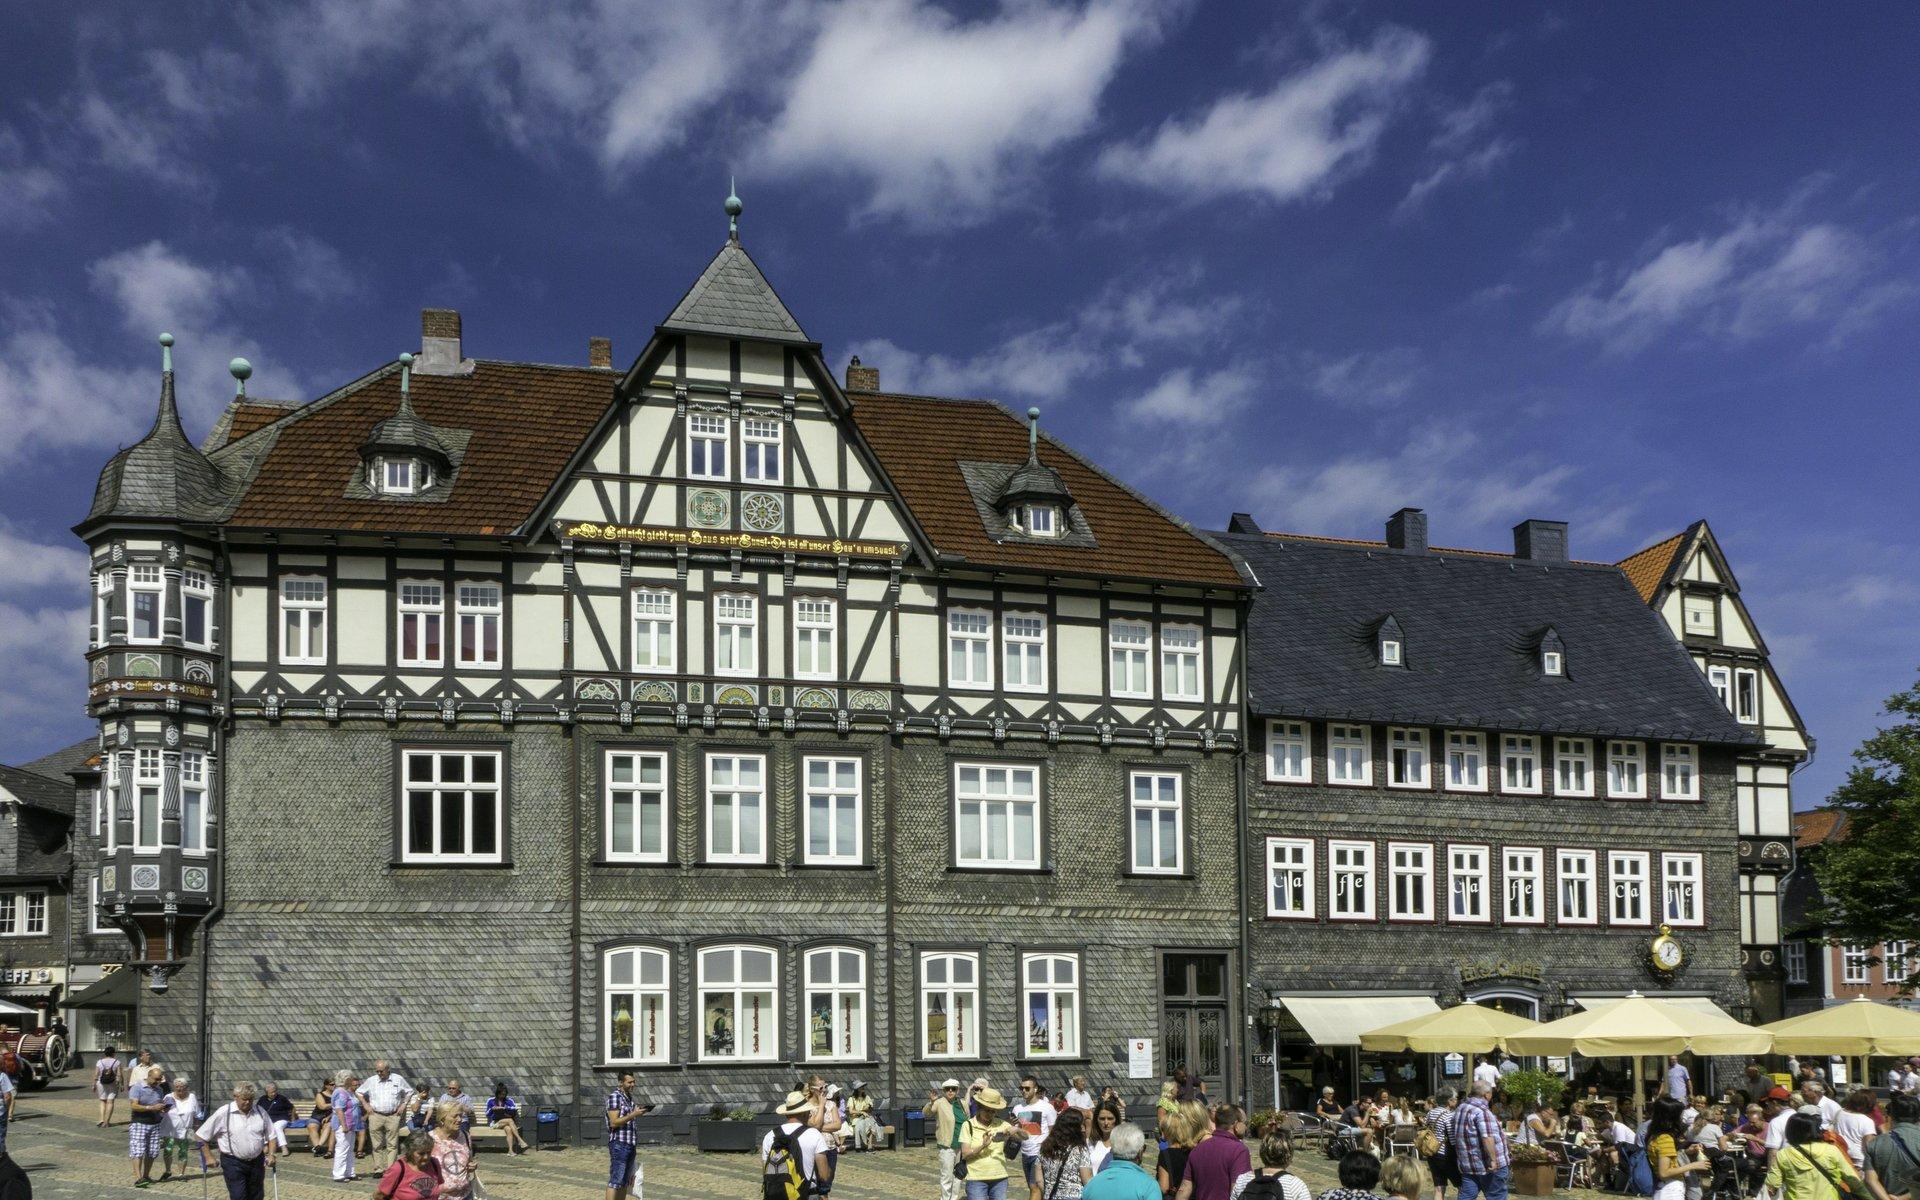 Haus am Markt in Goslar